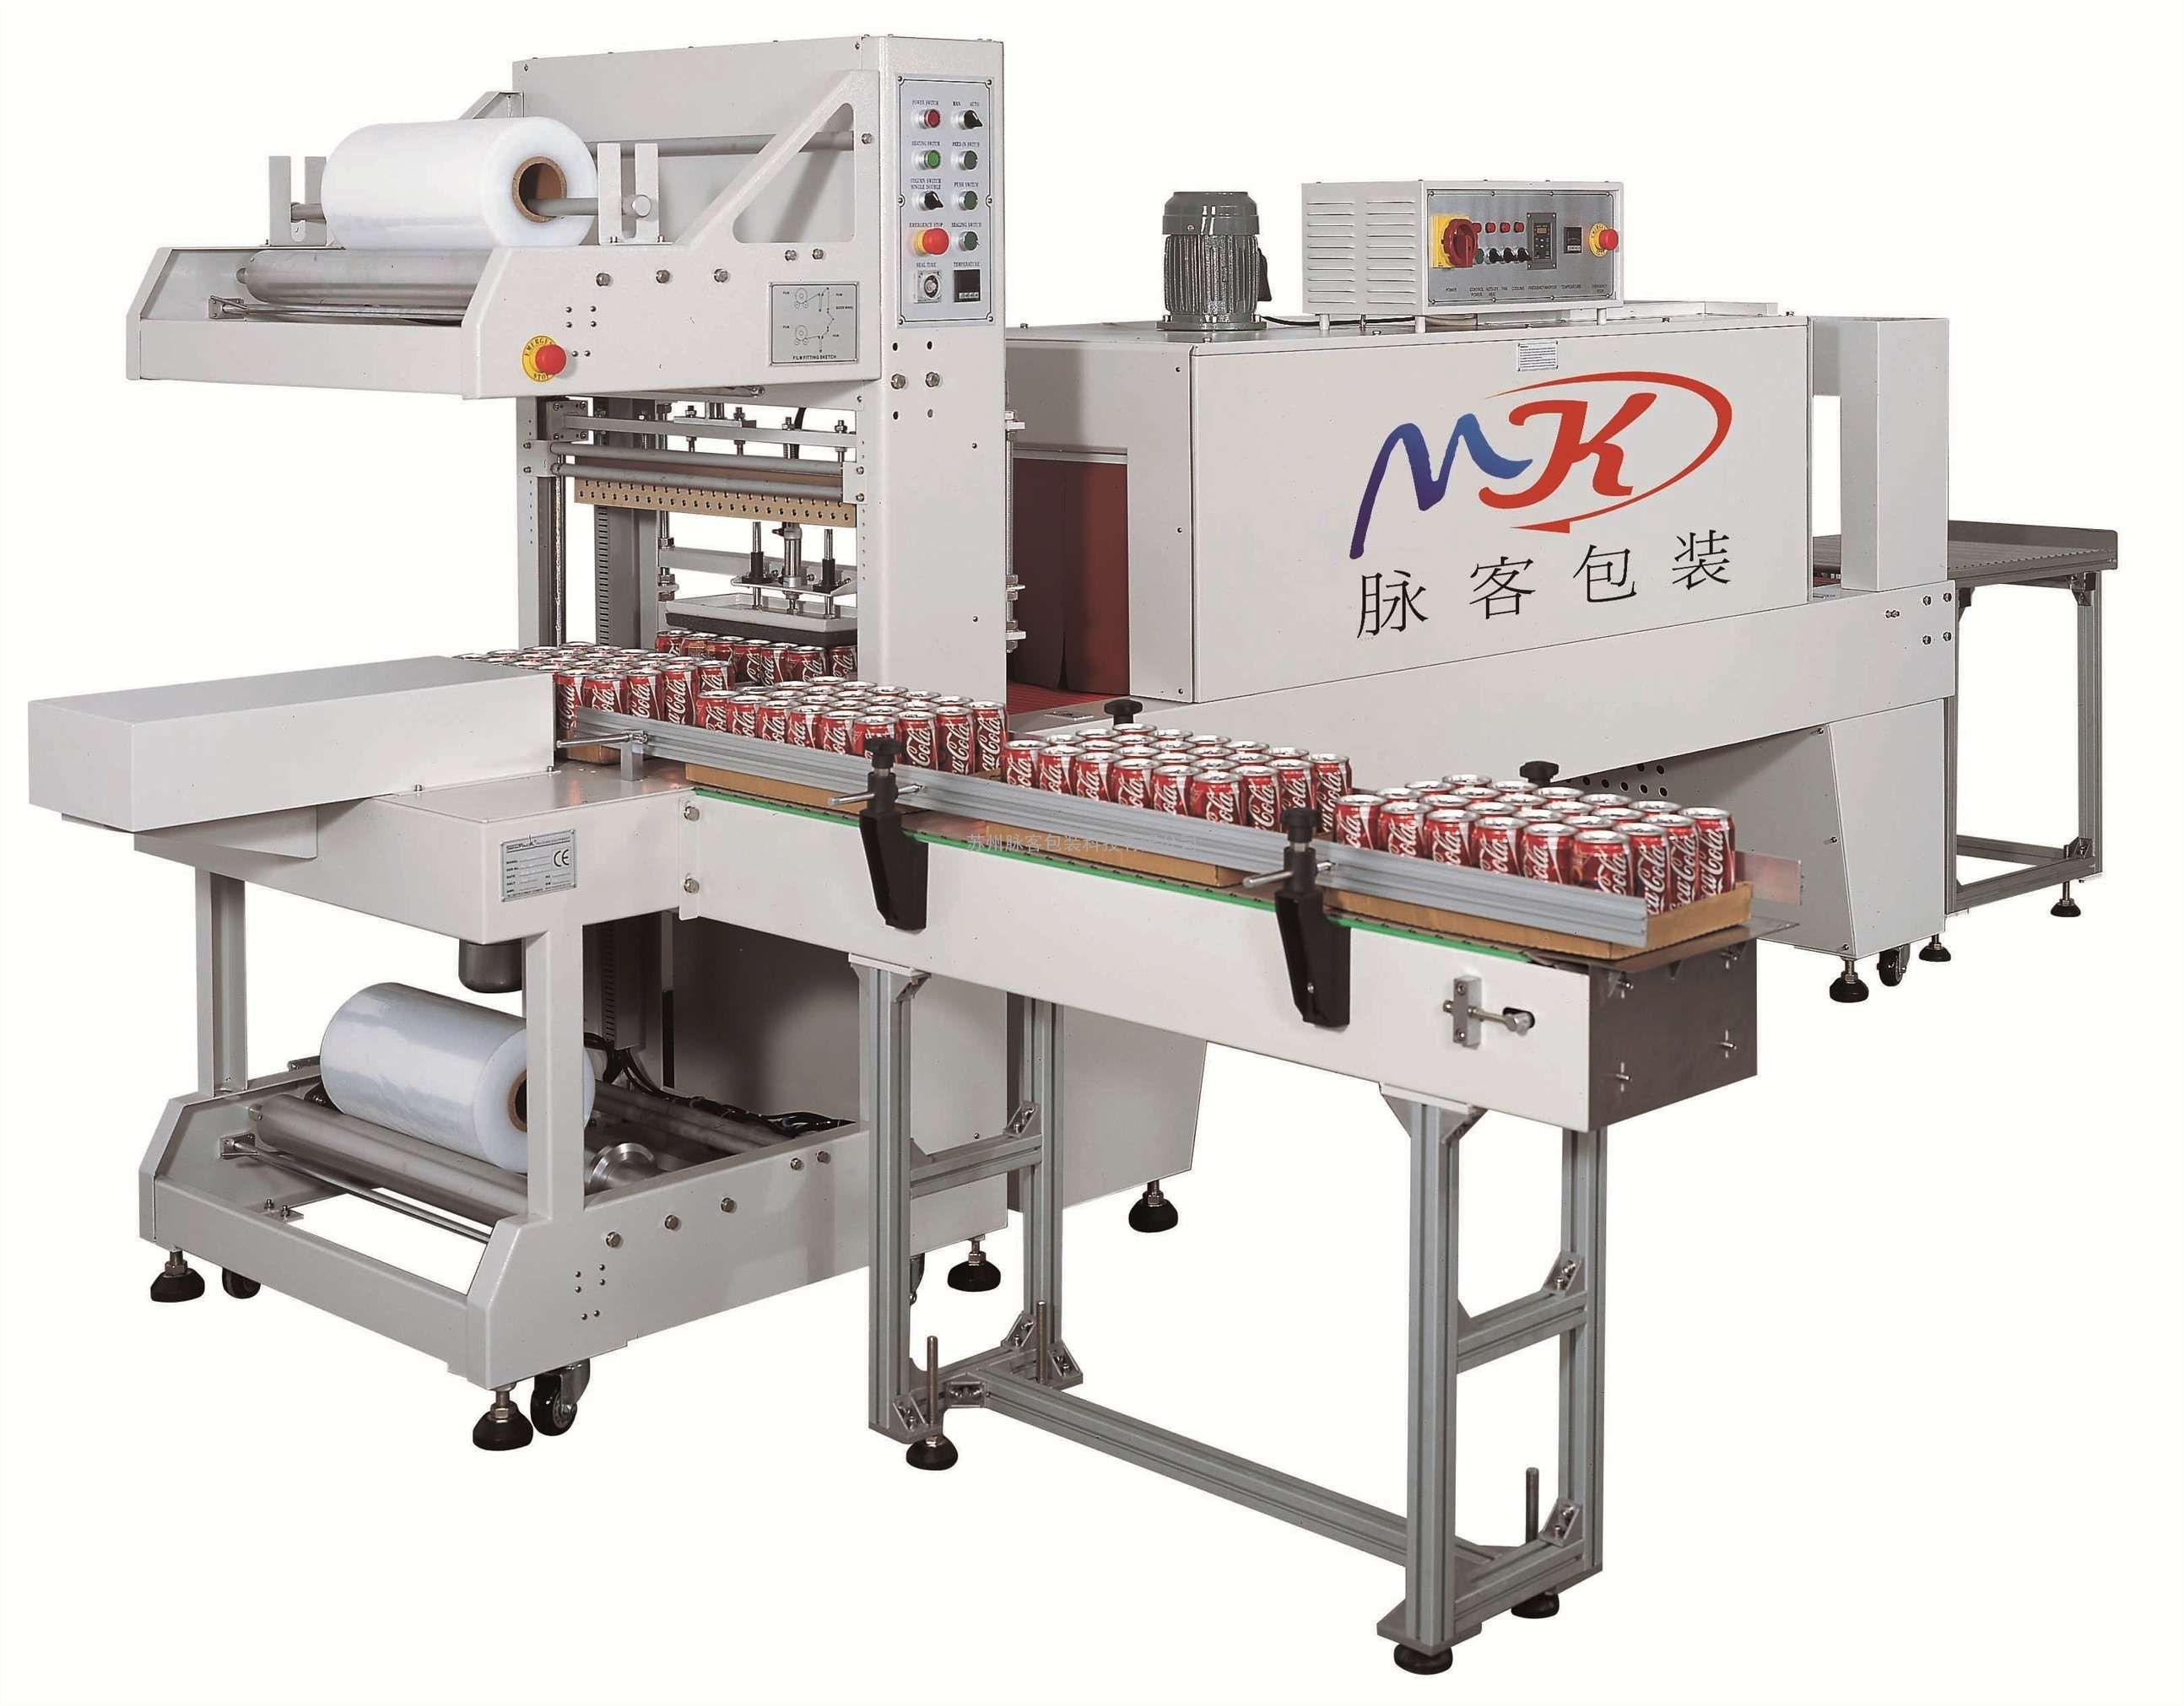 苏州脉客供应无锡热收缩机、无锡日用品包装机、无锡罐装热收缩机